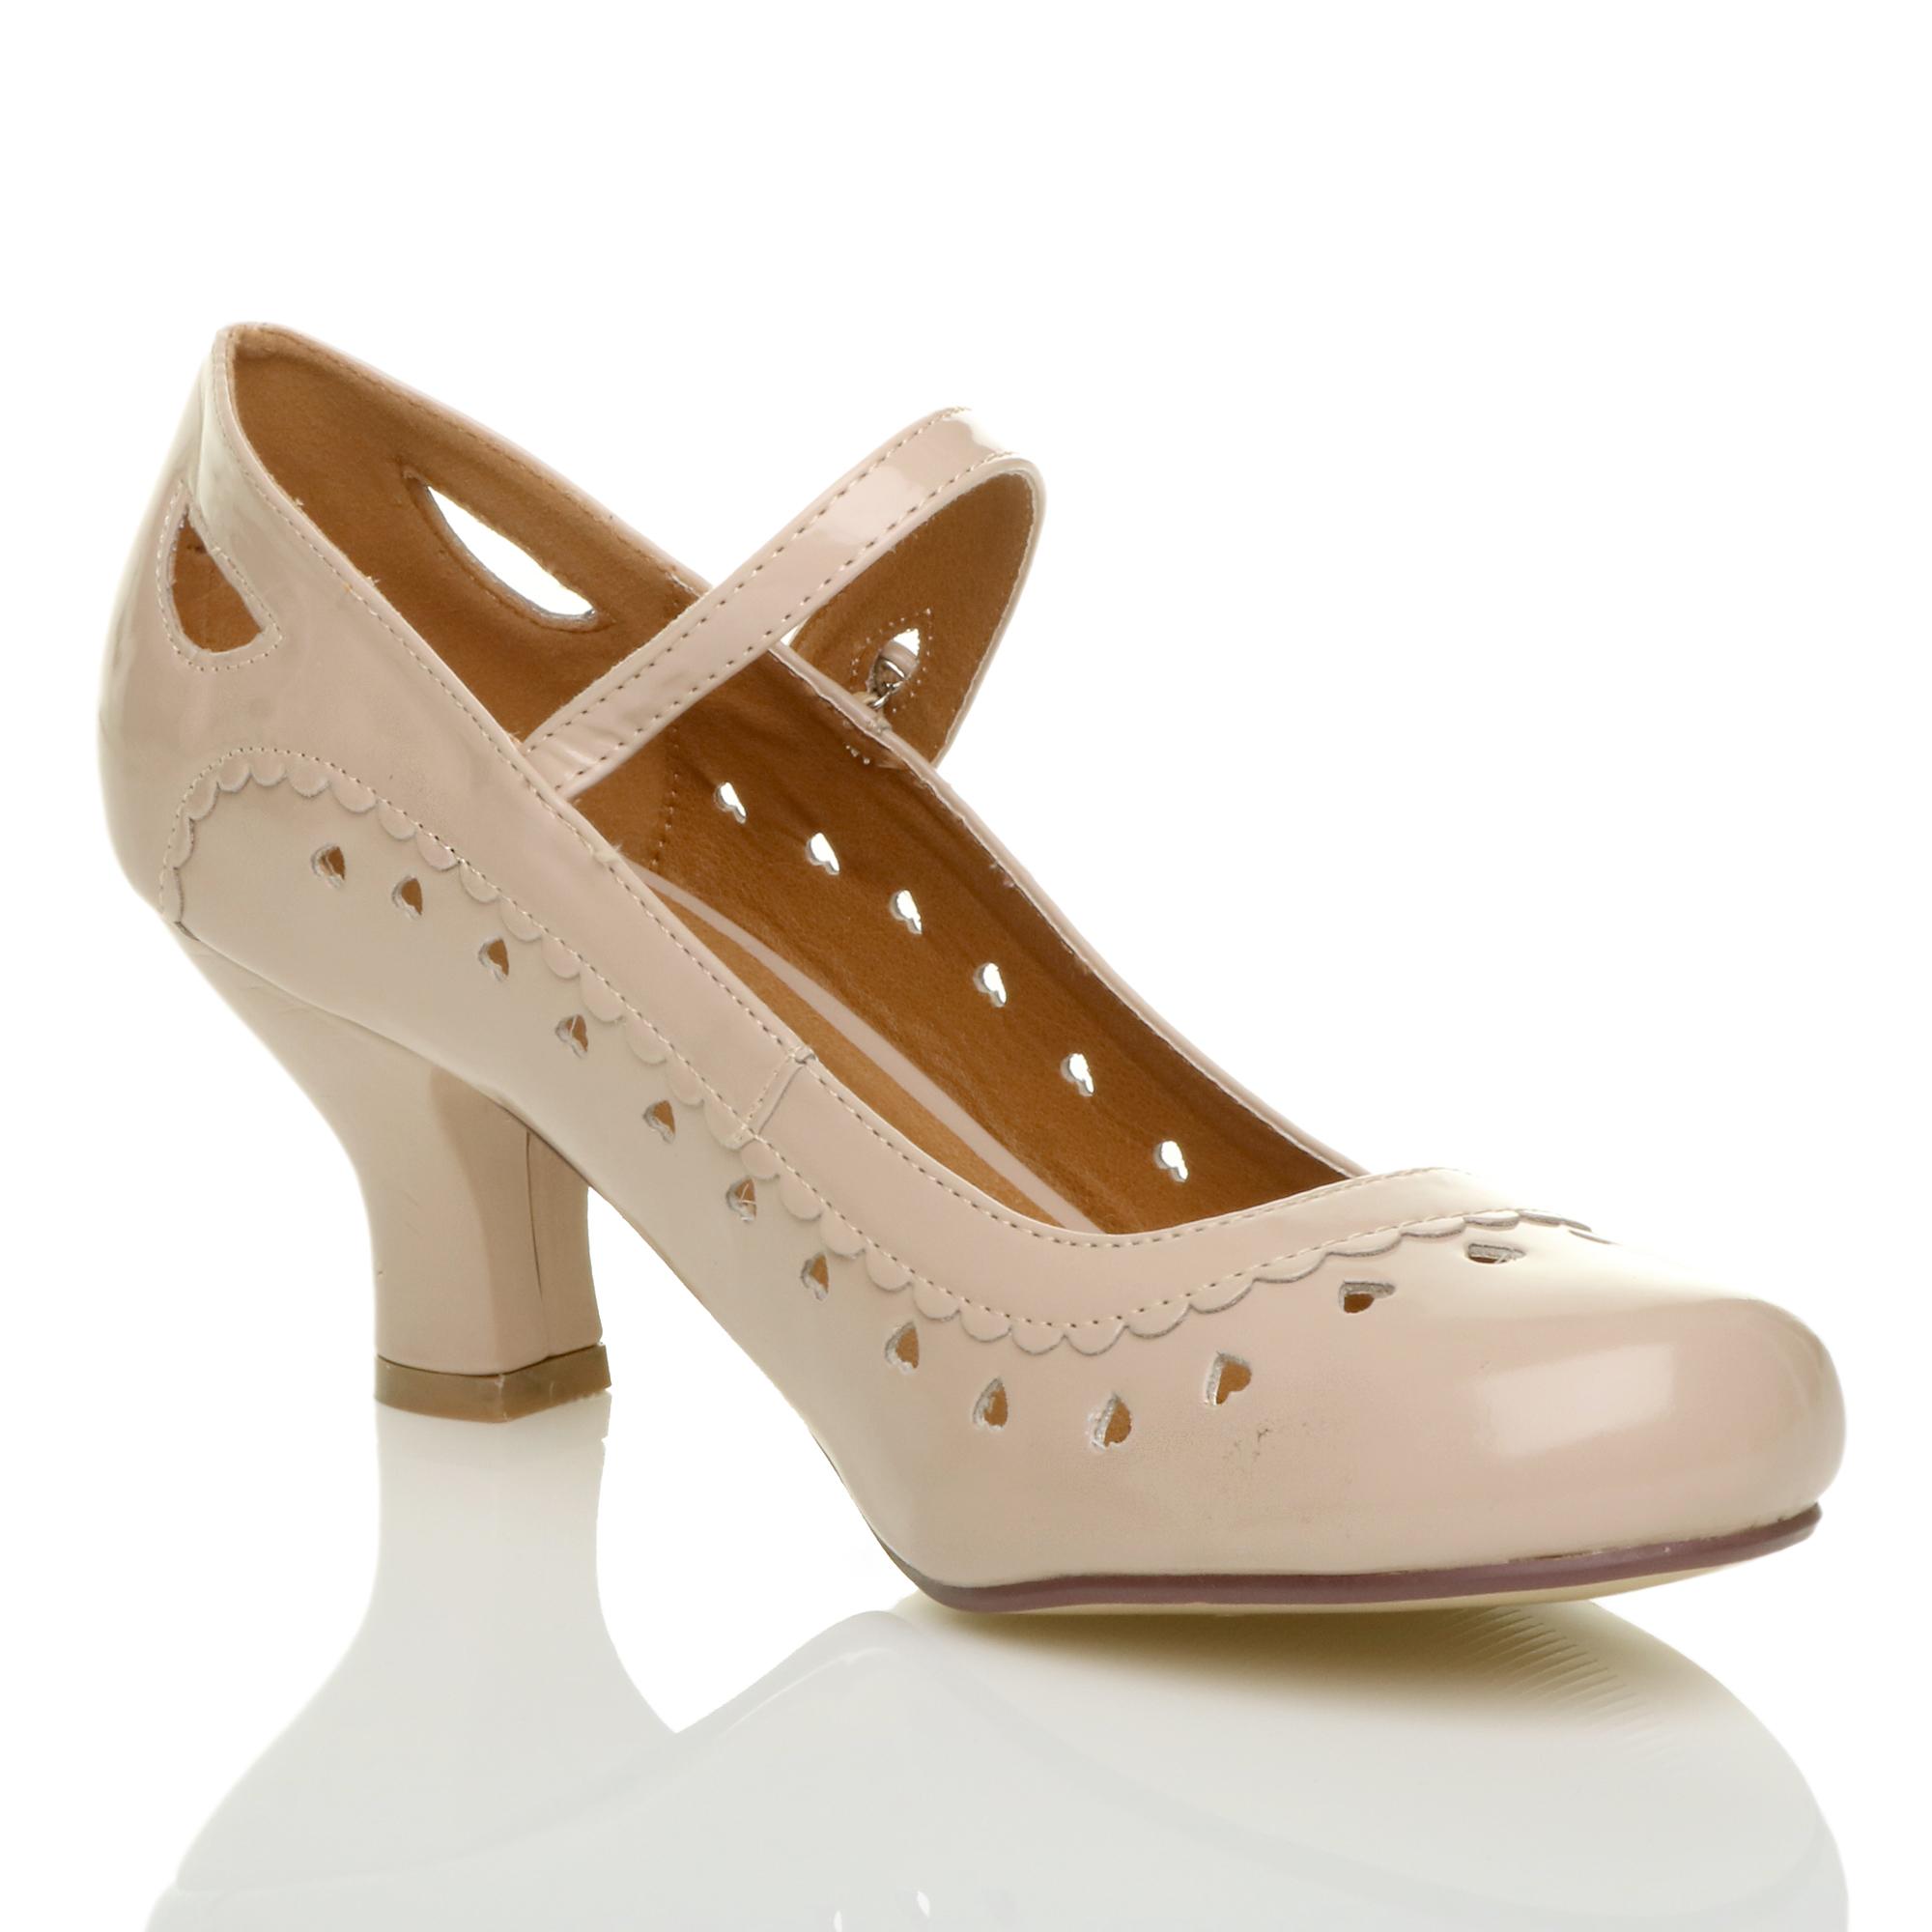 miniatura 20 - Da Donna con Tacco Basso Cinturino Alla Caviglia Mary Jane Stile Scarpe Eleganti Lavoro Pompe Dimensione